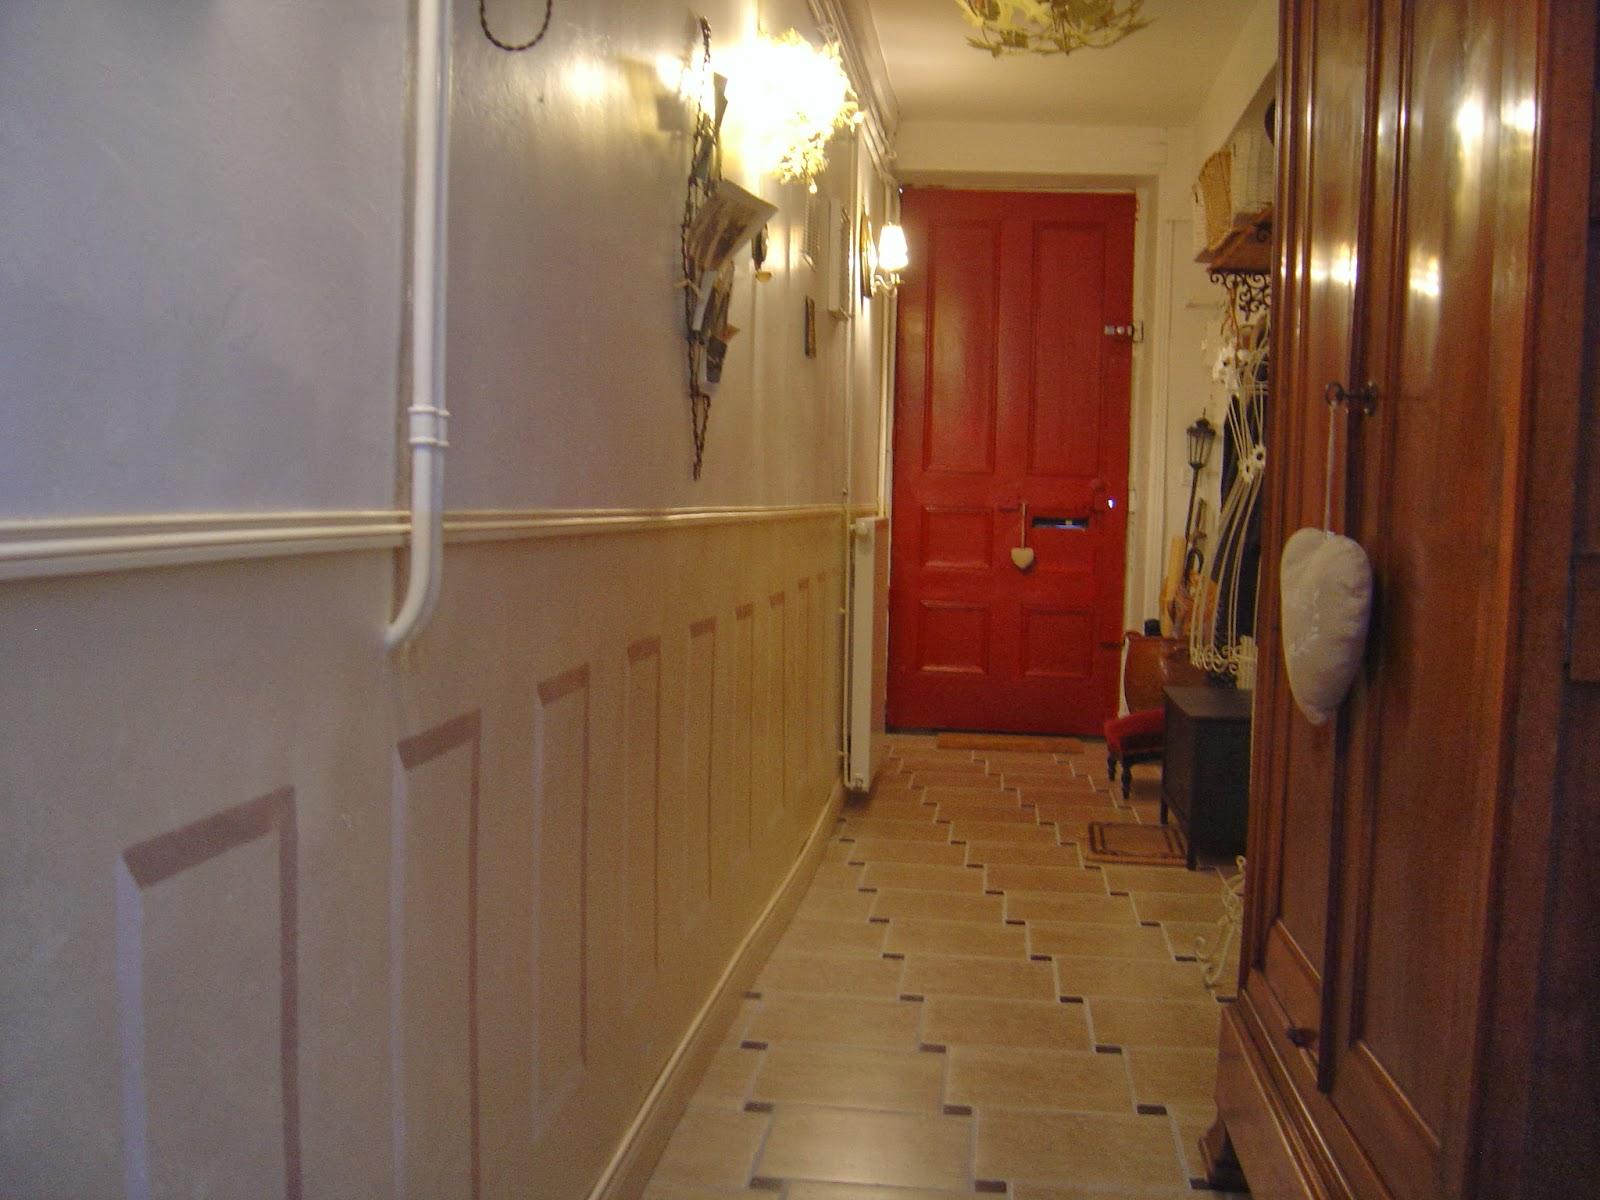 Soubassement Couloir En Bois diy : soubassements faits maison - dans ma maison, il y a